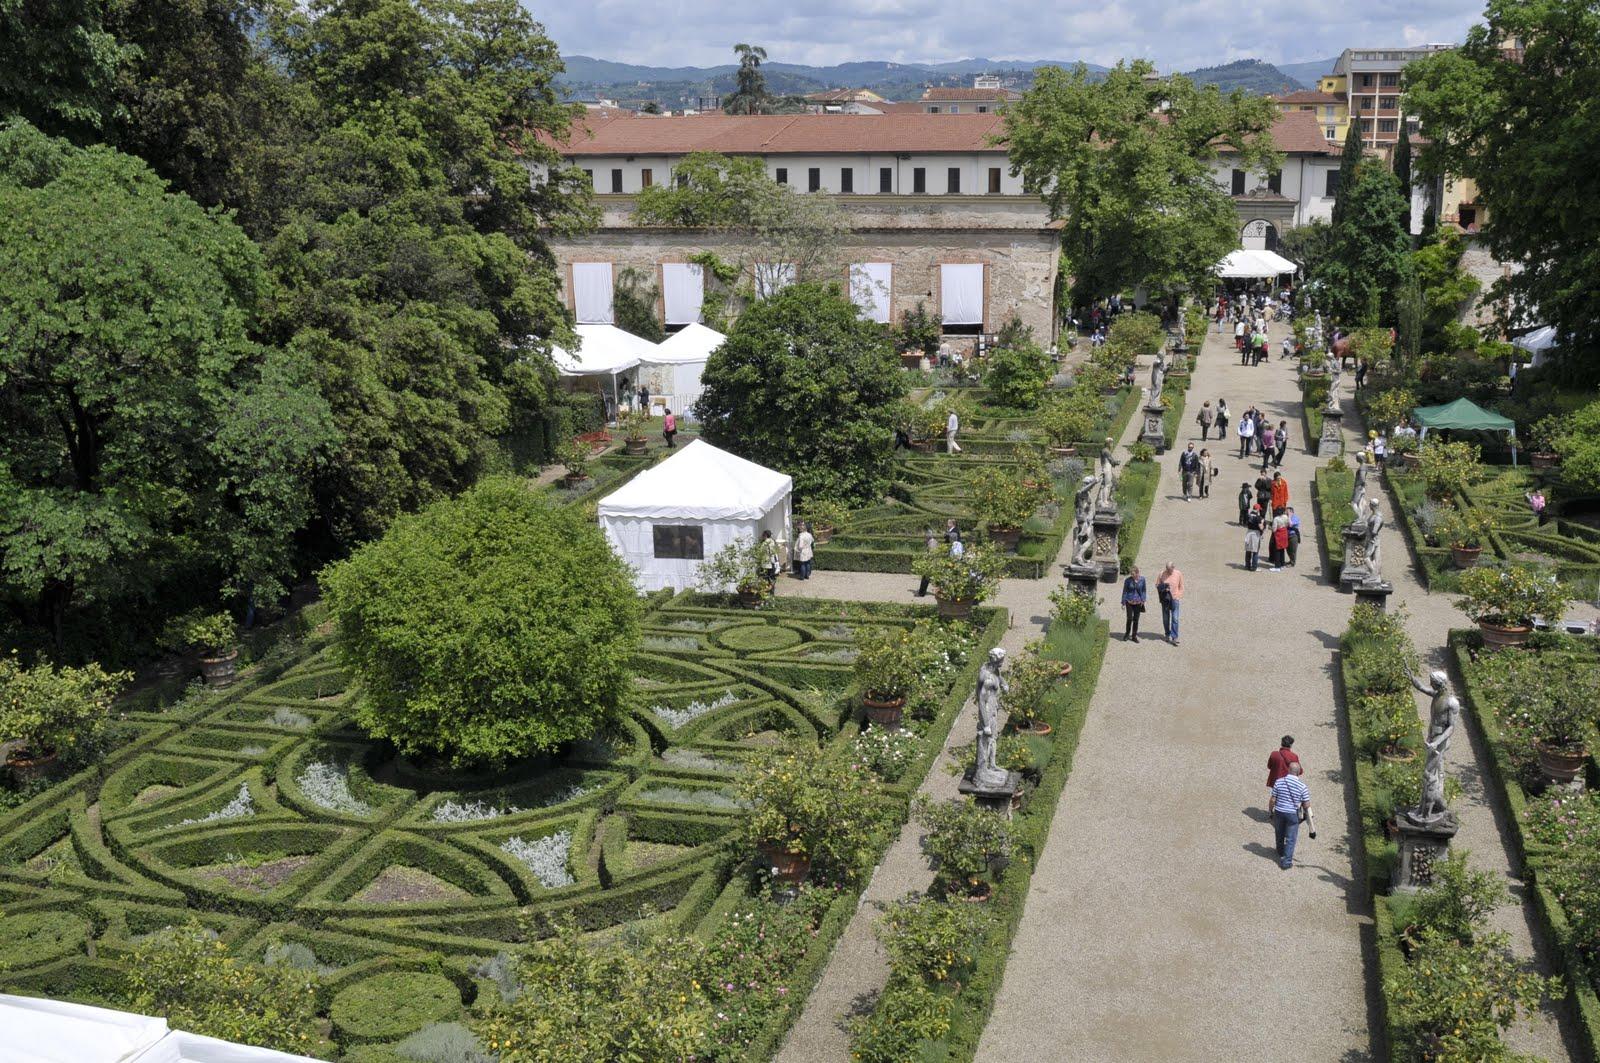 Giardino corsini al prato luoghi italianbotanicaltrips for Giardino firenze